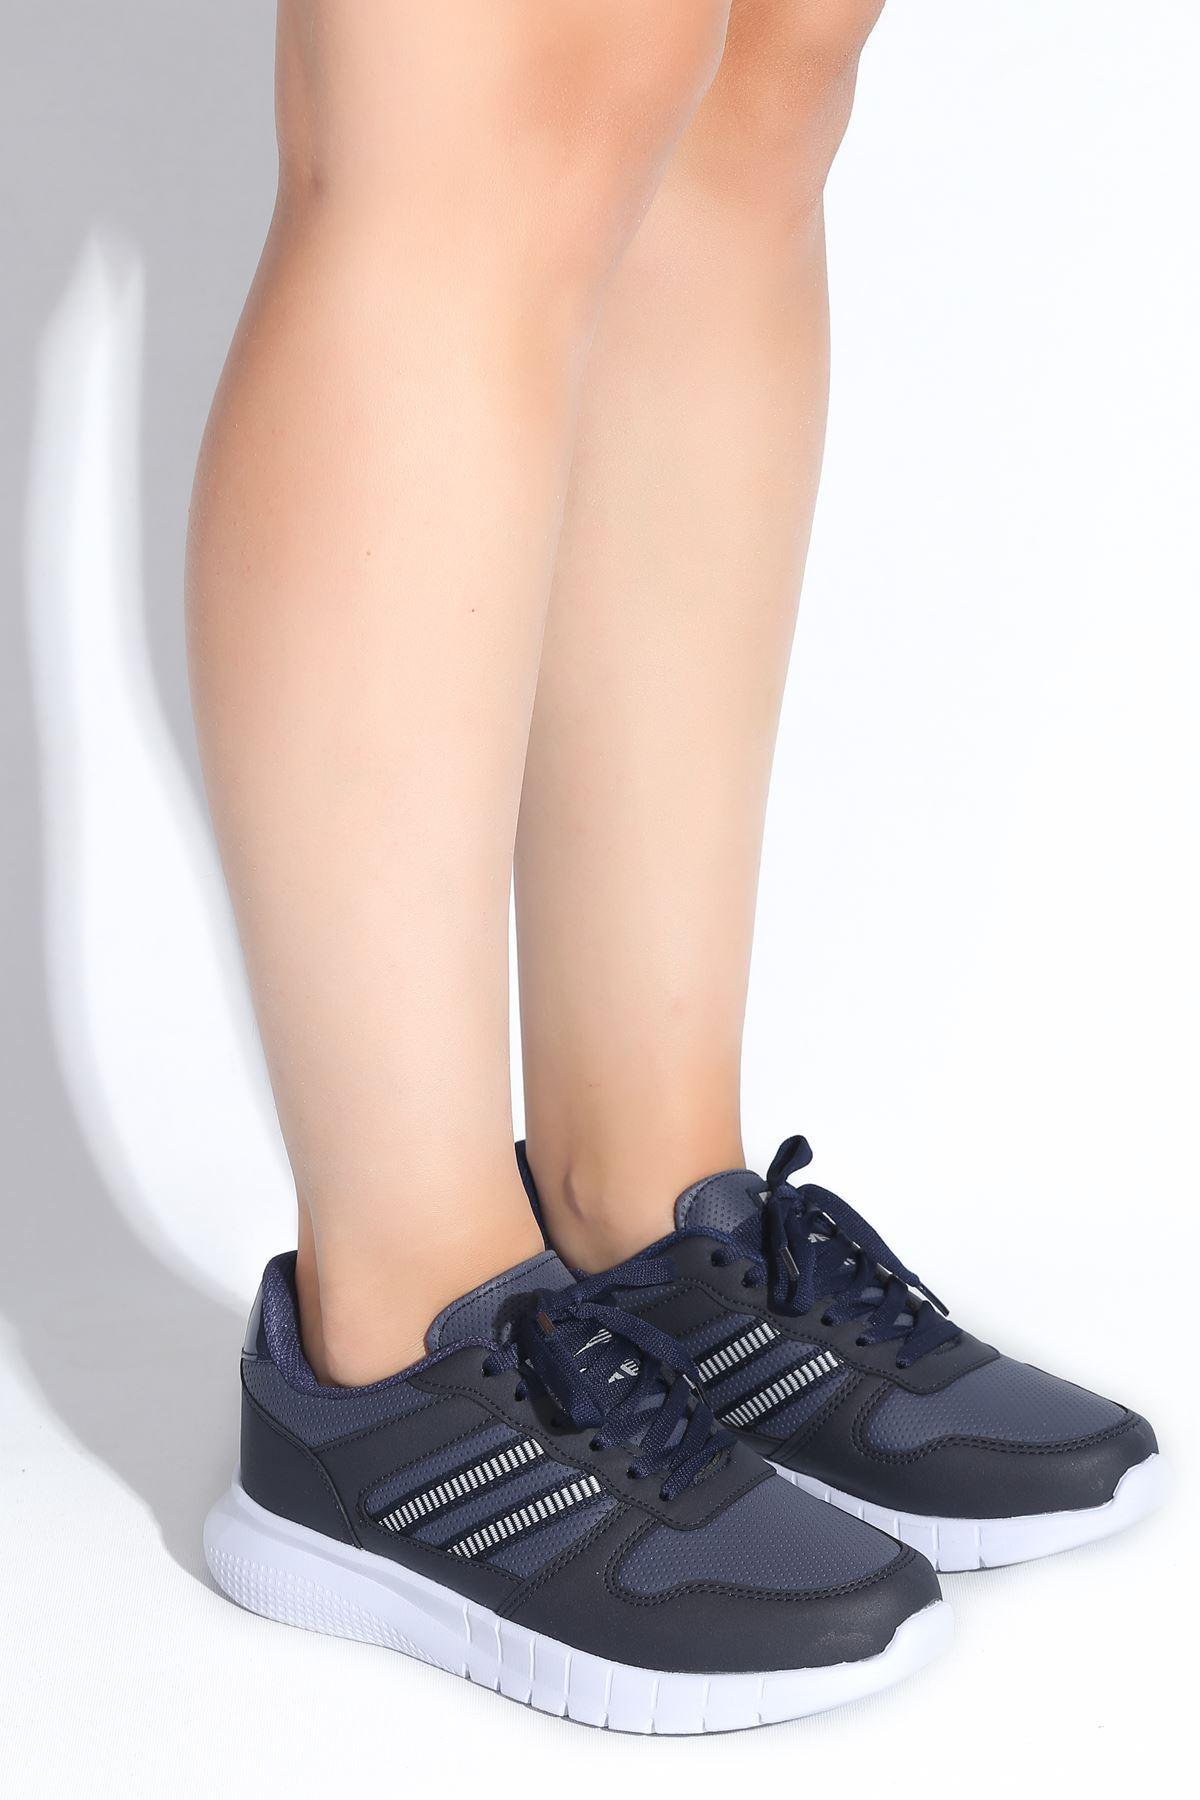 Erin Lacivert Kadın Spor Ayakkabı